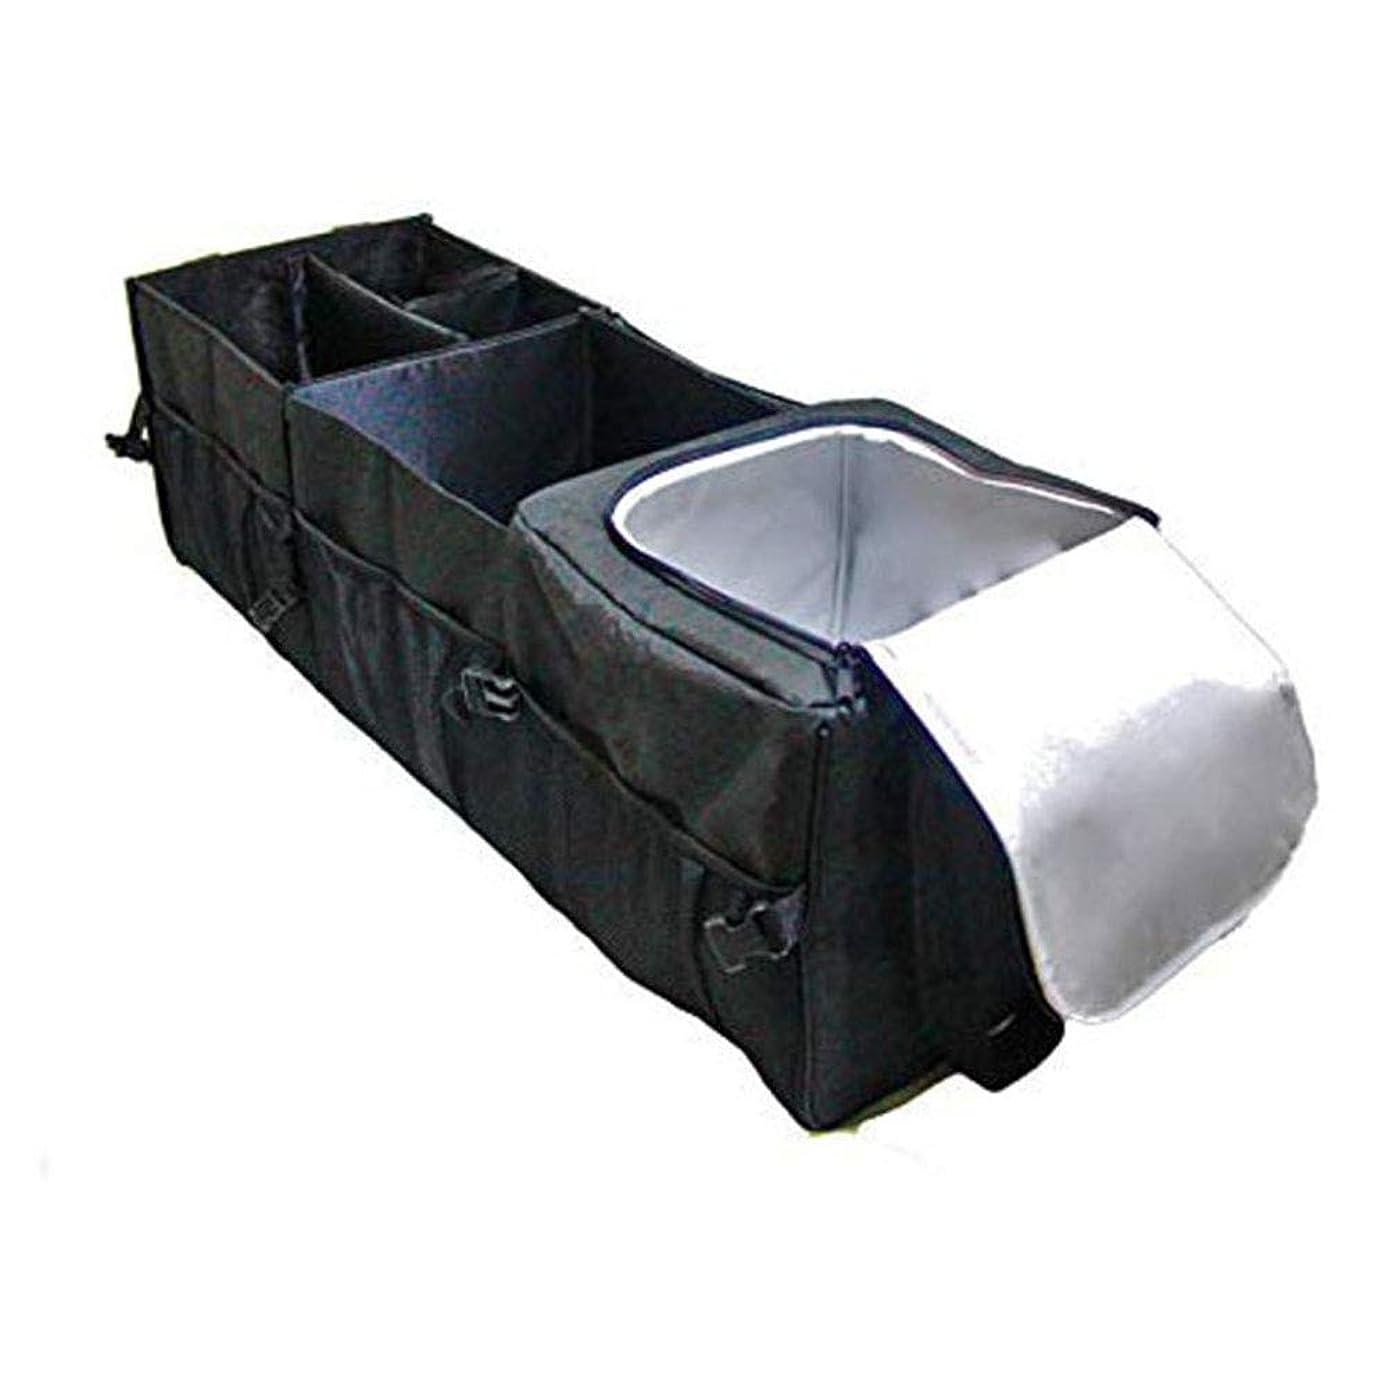 うねる生息地広々車のトランクの主催者、食料品は優れた絶縁材が付いている箱のトラックのキャディーバッグを整理しますクーラーは袋に入れます12のポケット調節可能な多機能耐久財黒